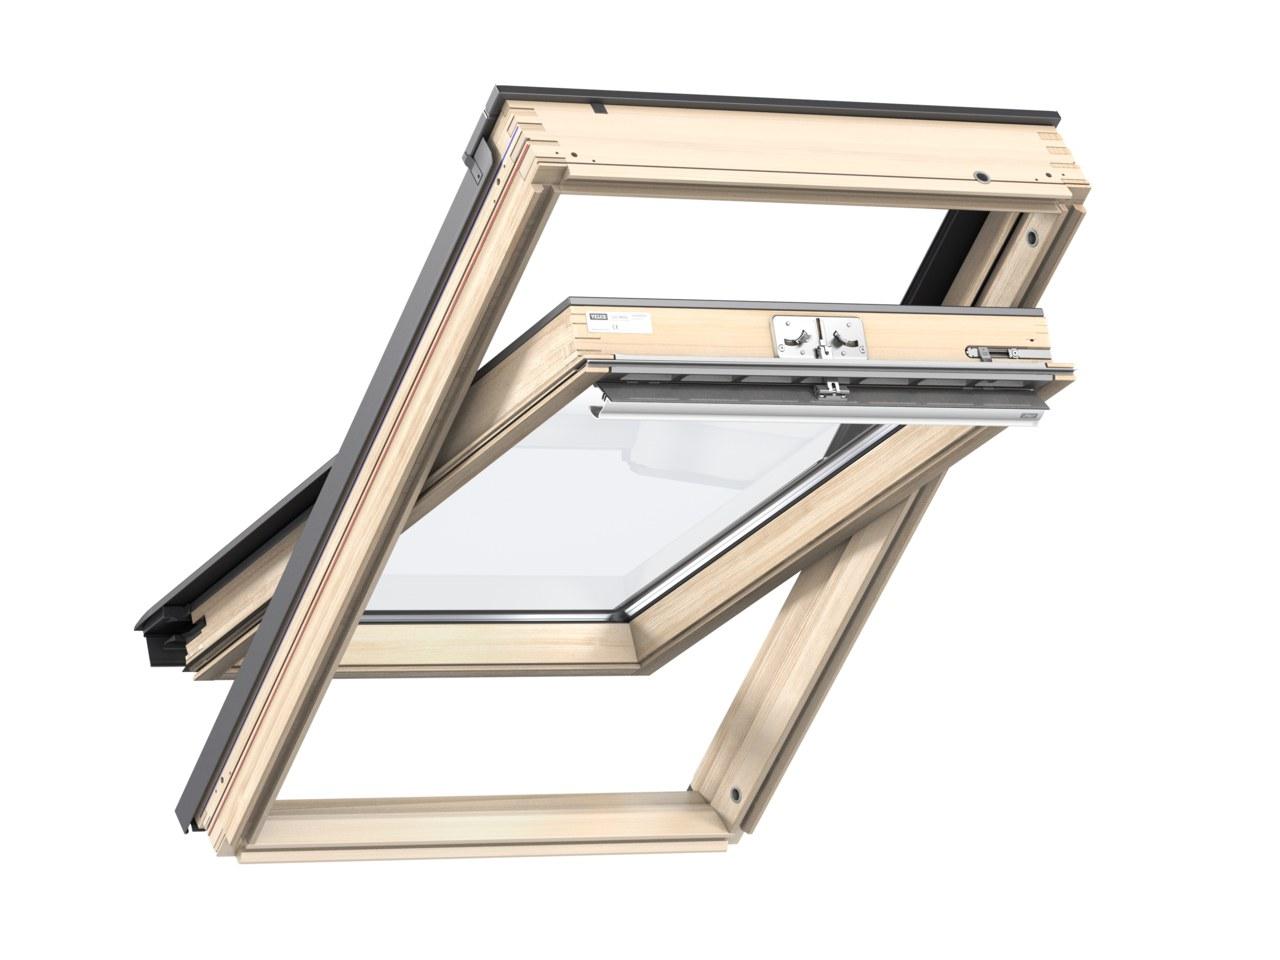 Střešní okno VELUX GZL 1051 rozměr: CK02 55x78 cm